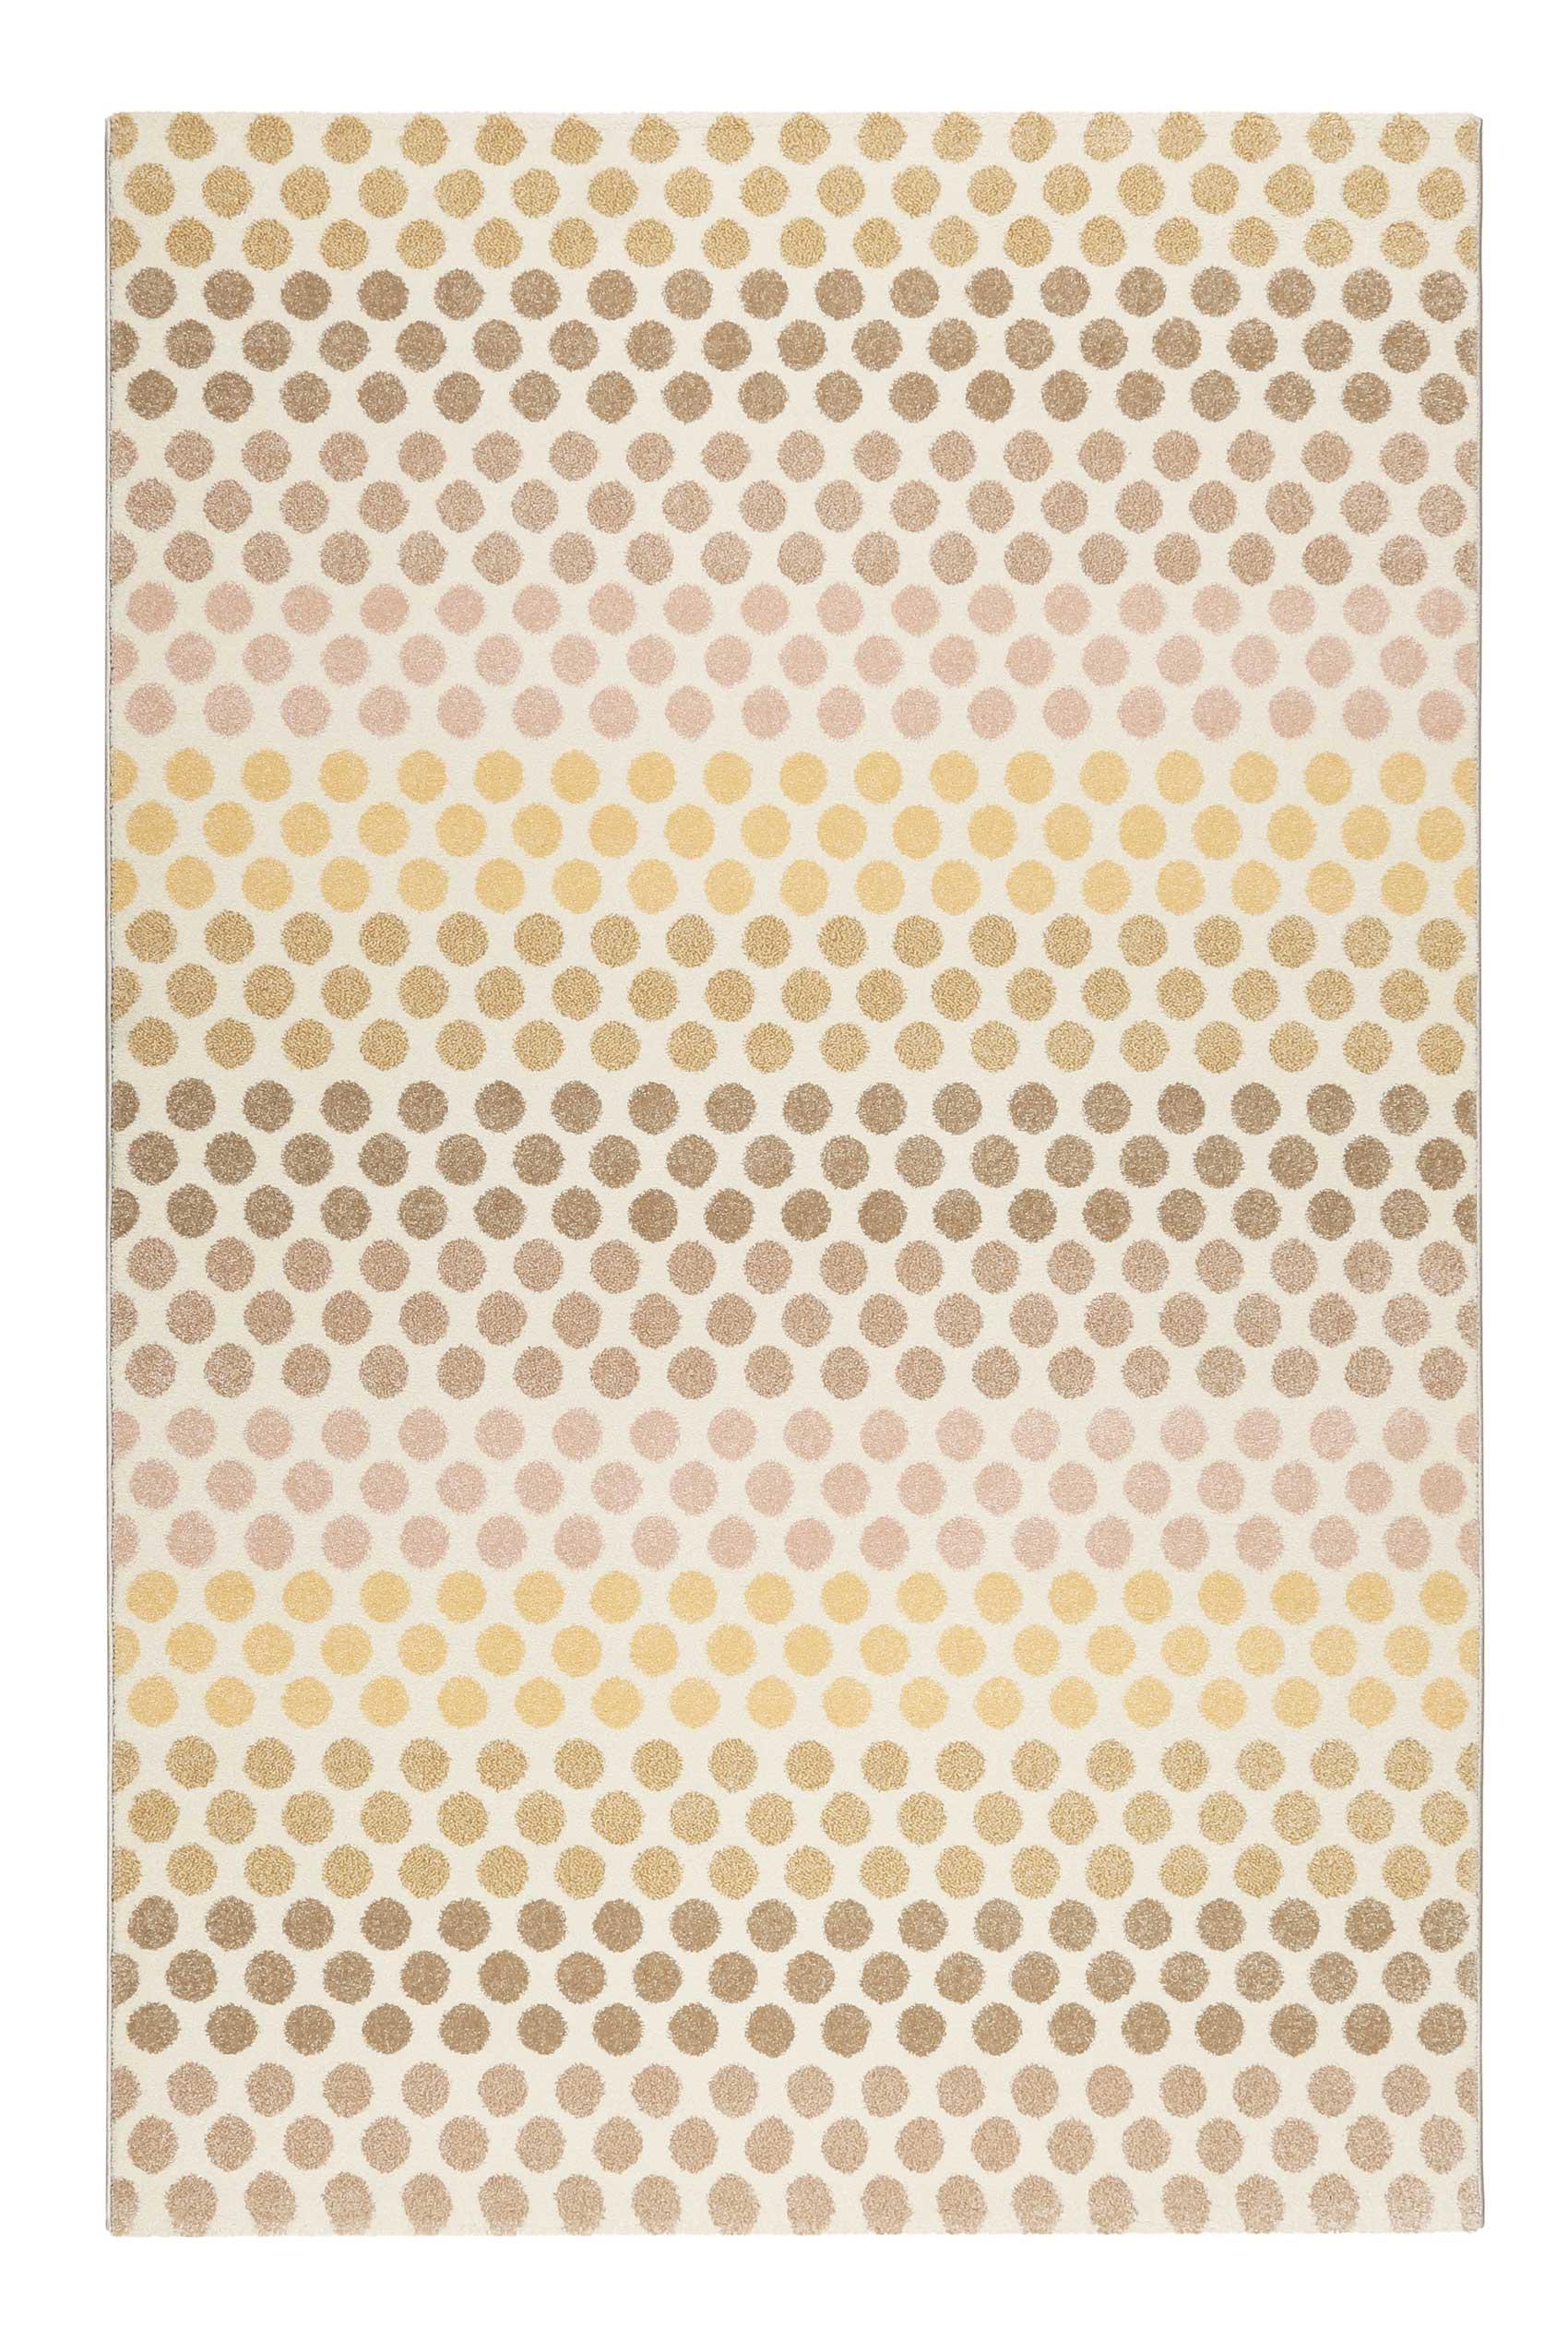 Tapis motif pois à poils courts tons chauds 170x120